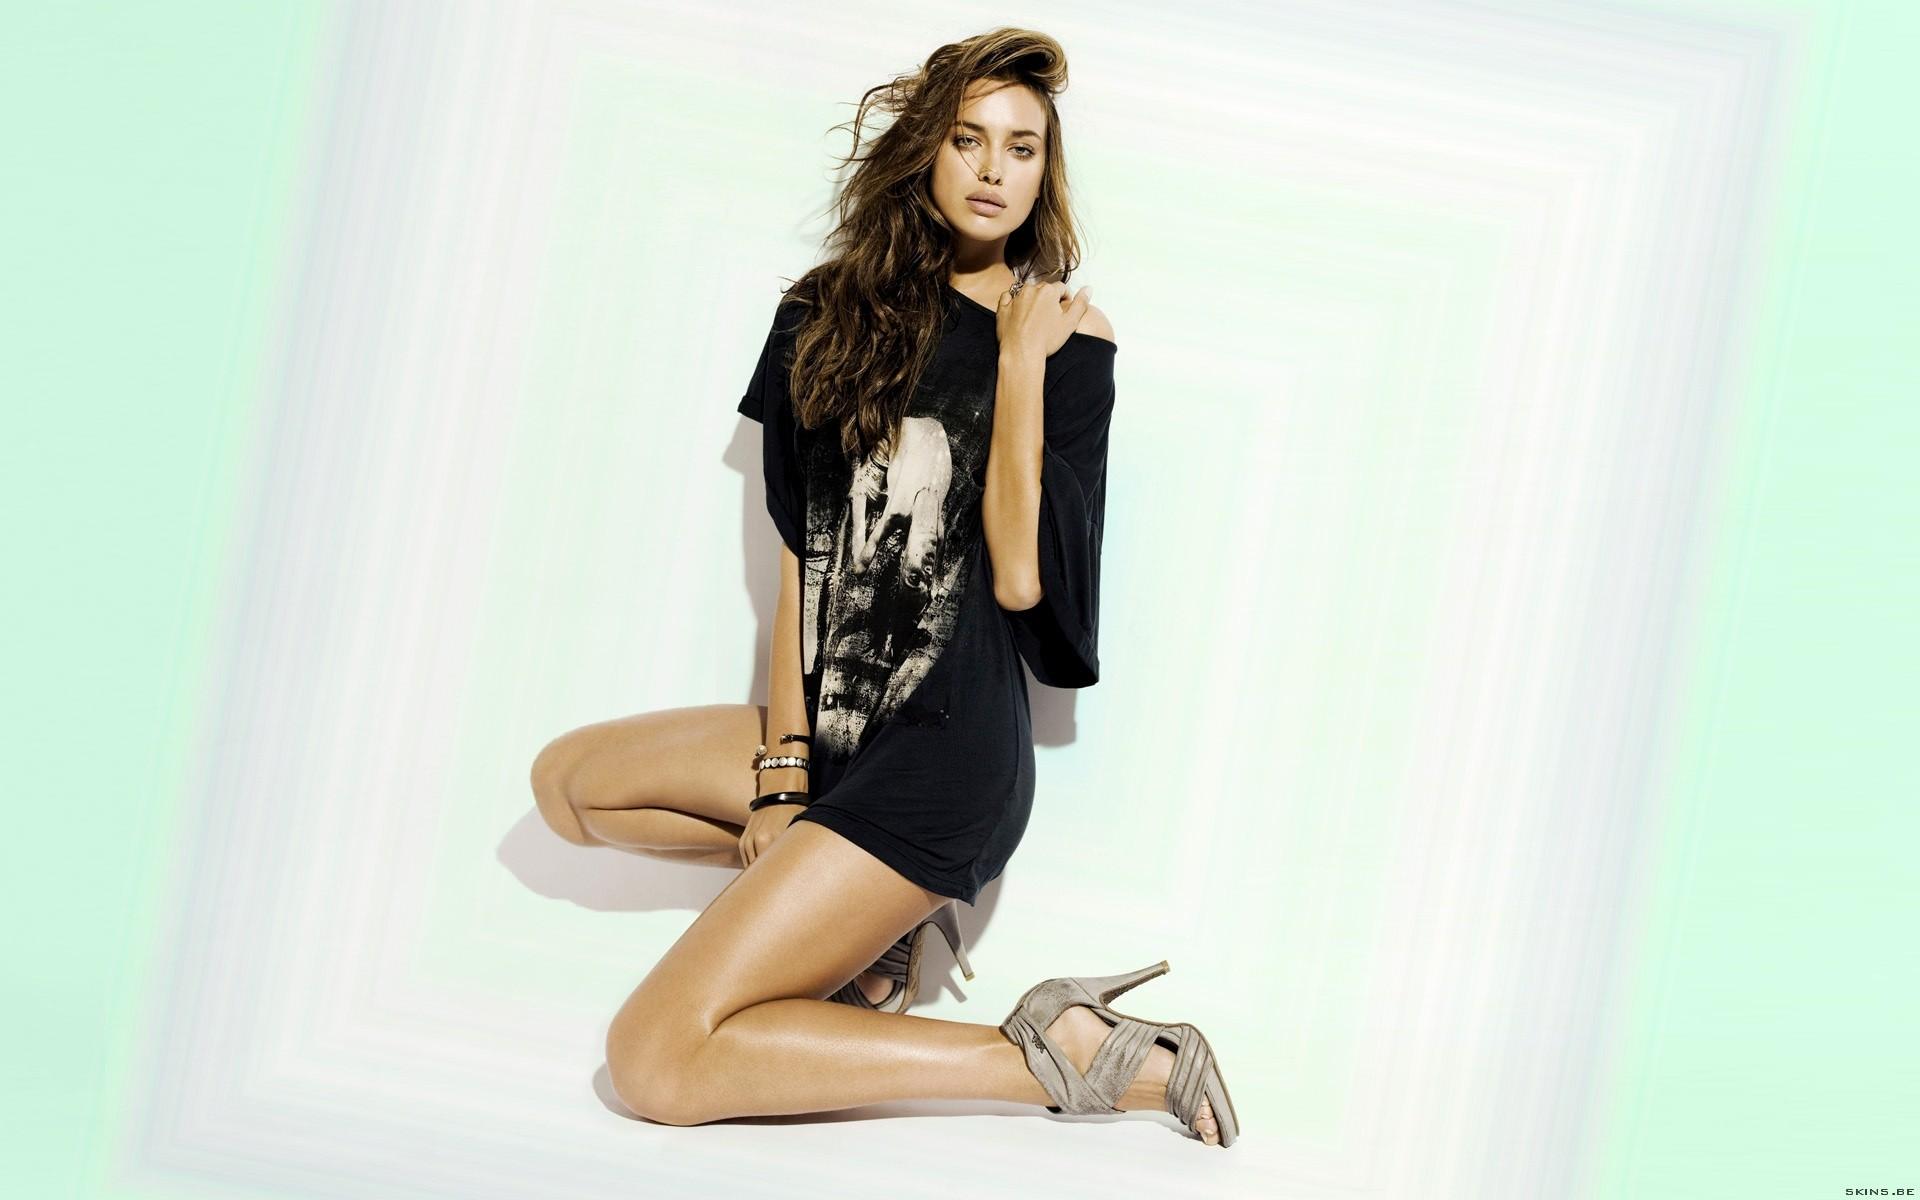 Legs Women Wallpaper 1920x1200 Legs Women High Heels Irina Shayk 1920x1200